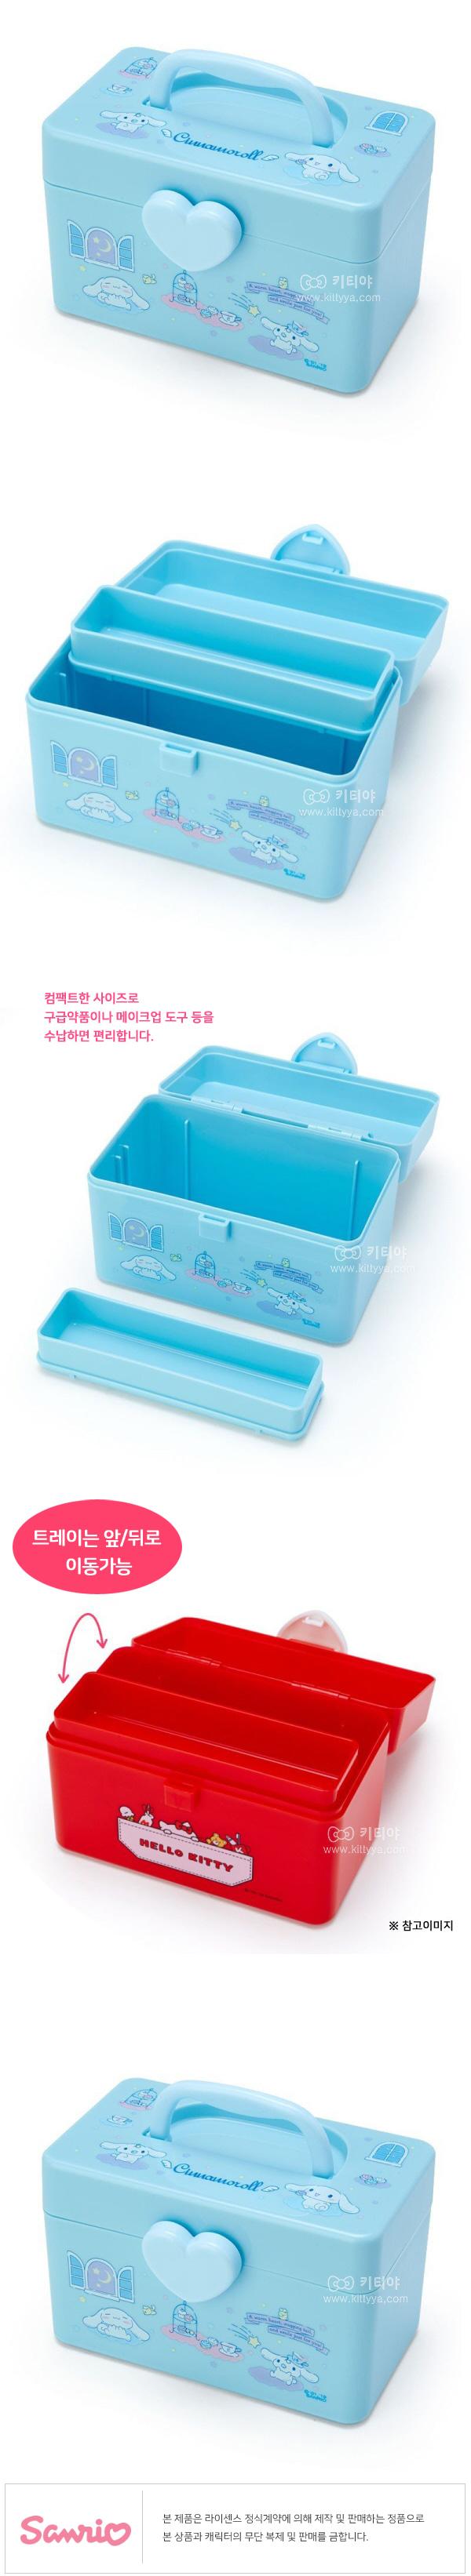 시나모롤 손잡이 수납박스 S - 키티야, 18,800원, 장식소품, 소품케이스